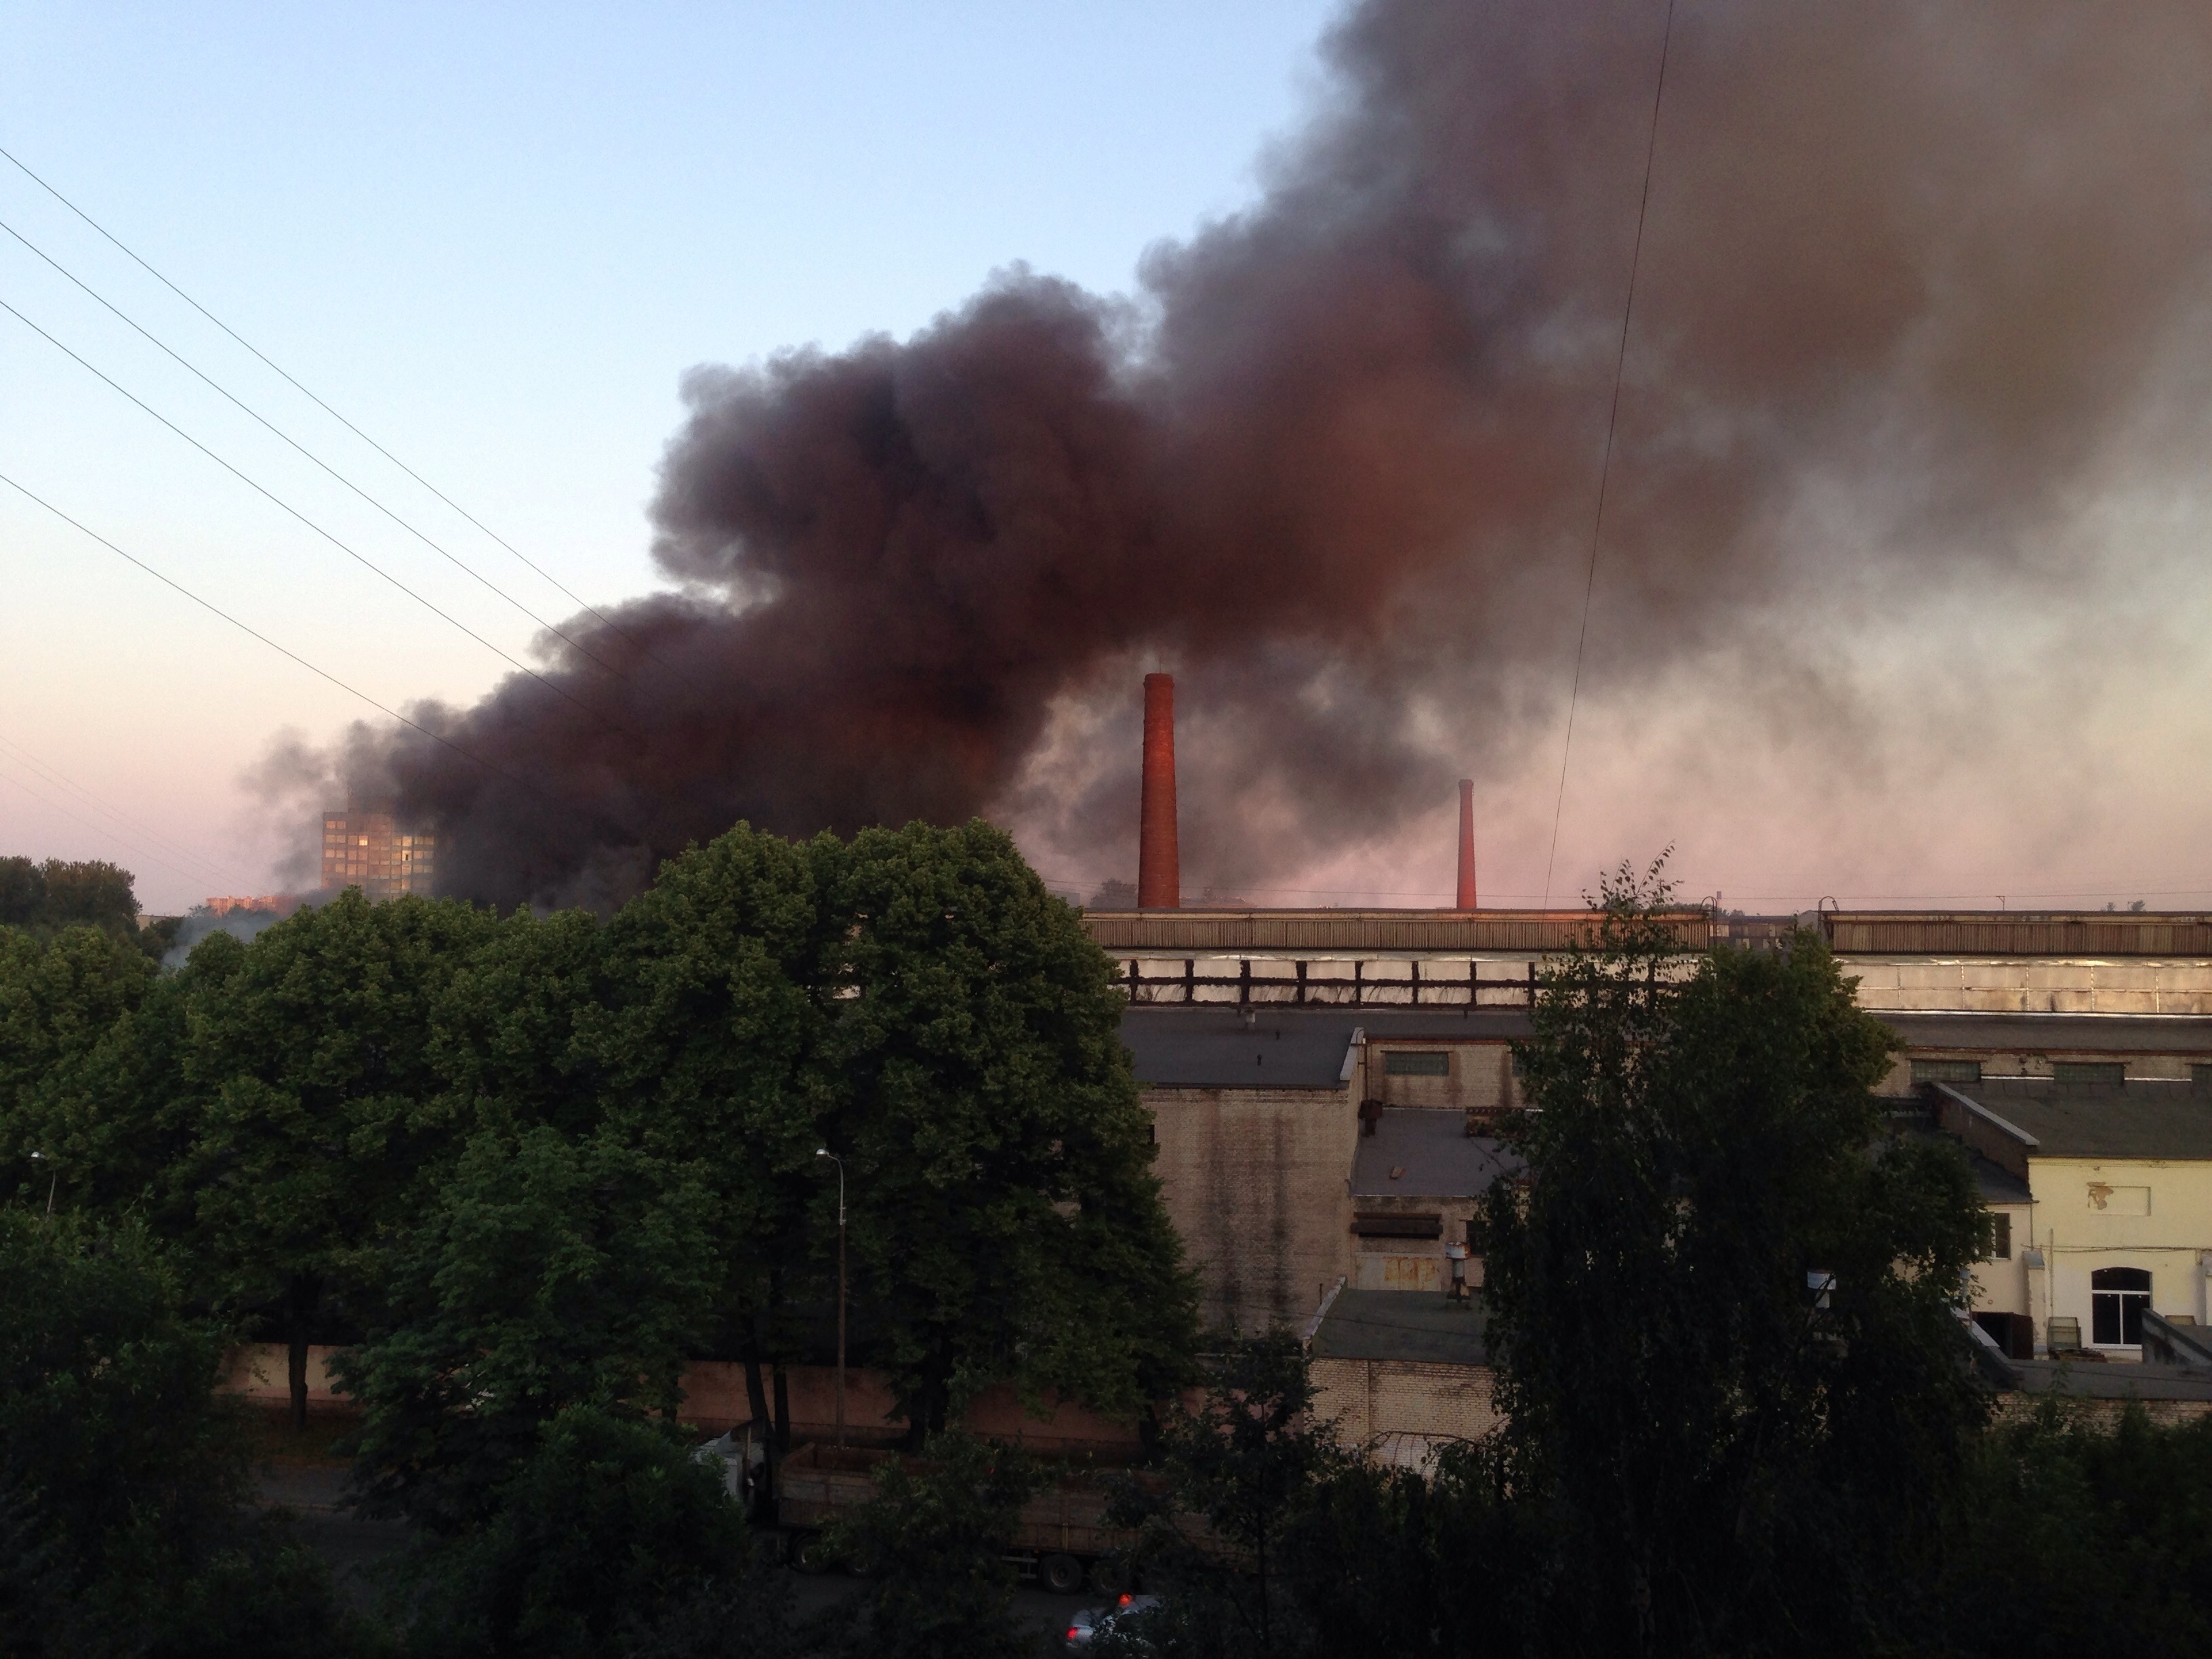 В Невском районе по второму номеру сложности тушат пожар на территории завода (Иллюстрация 1 из 2) (Фото: читатель